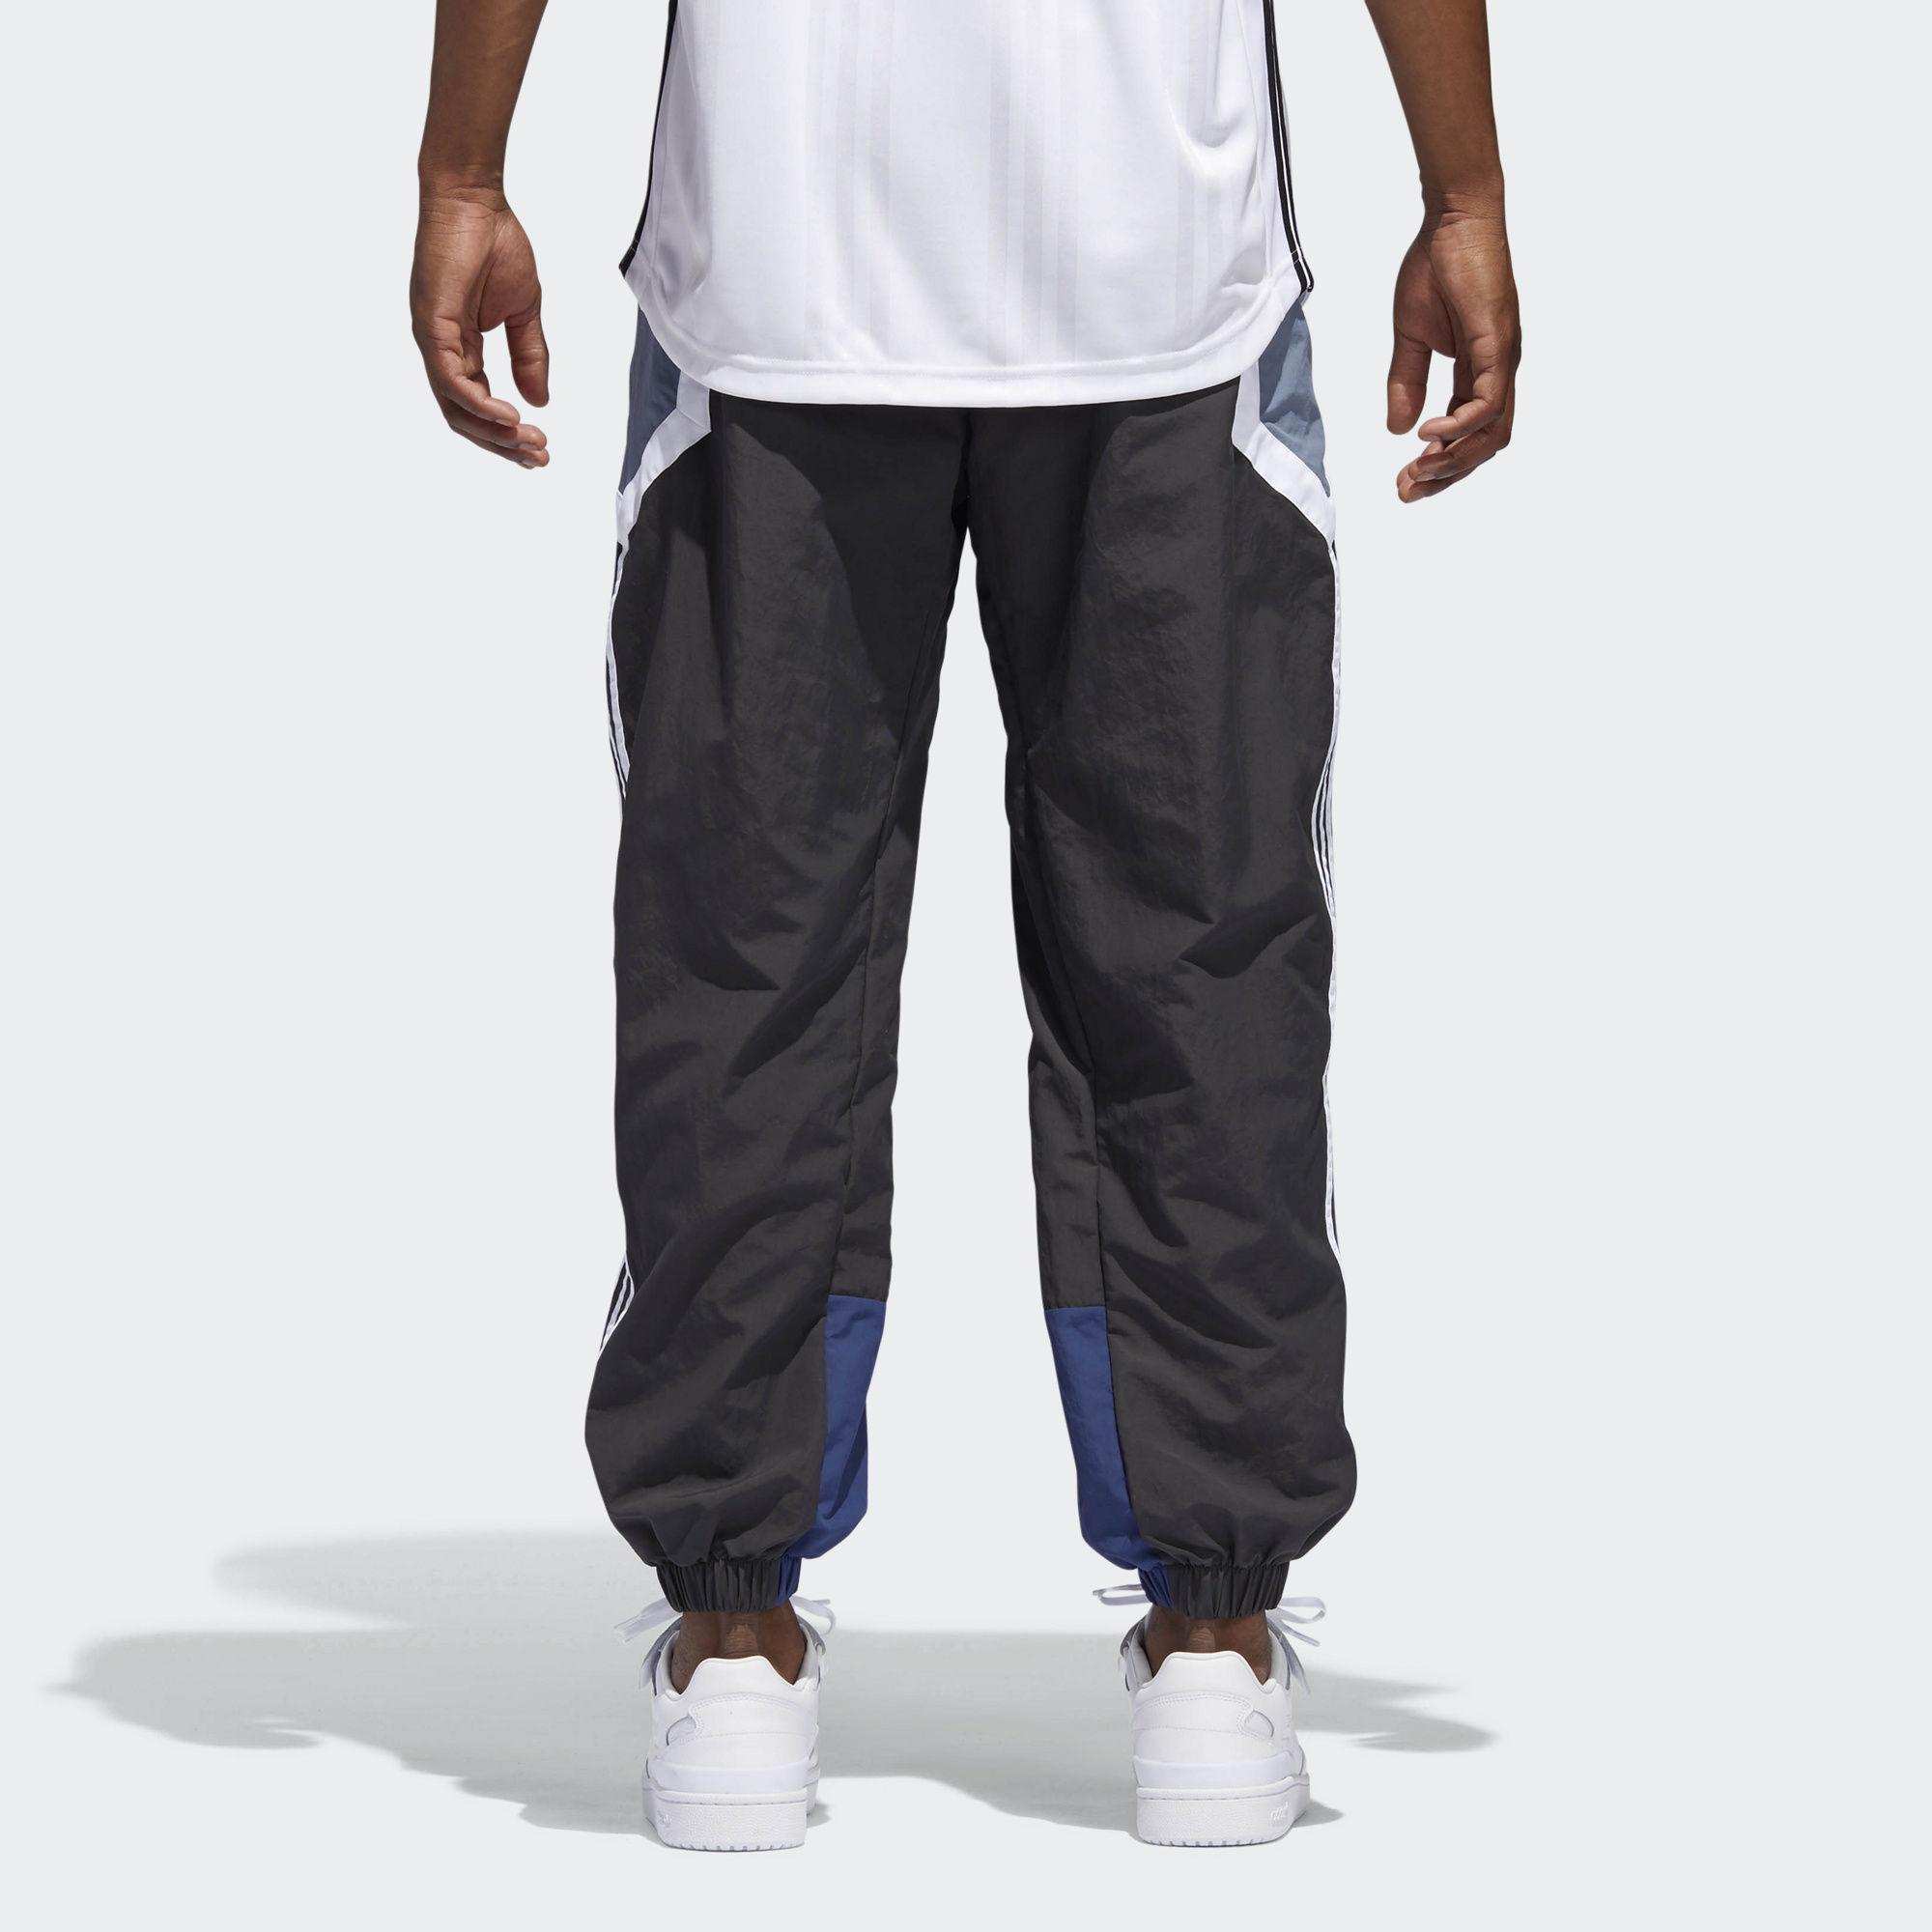 adidas nova pants